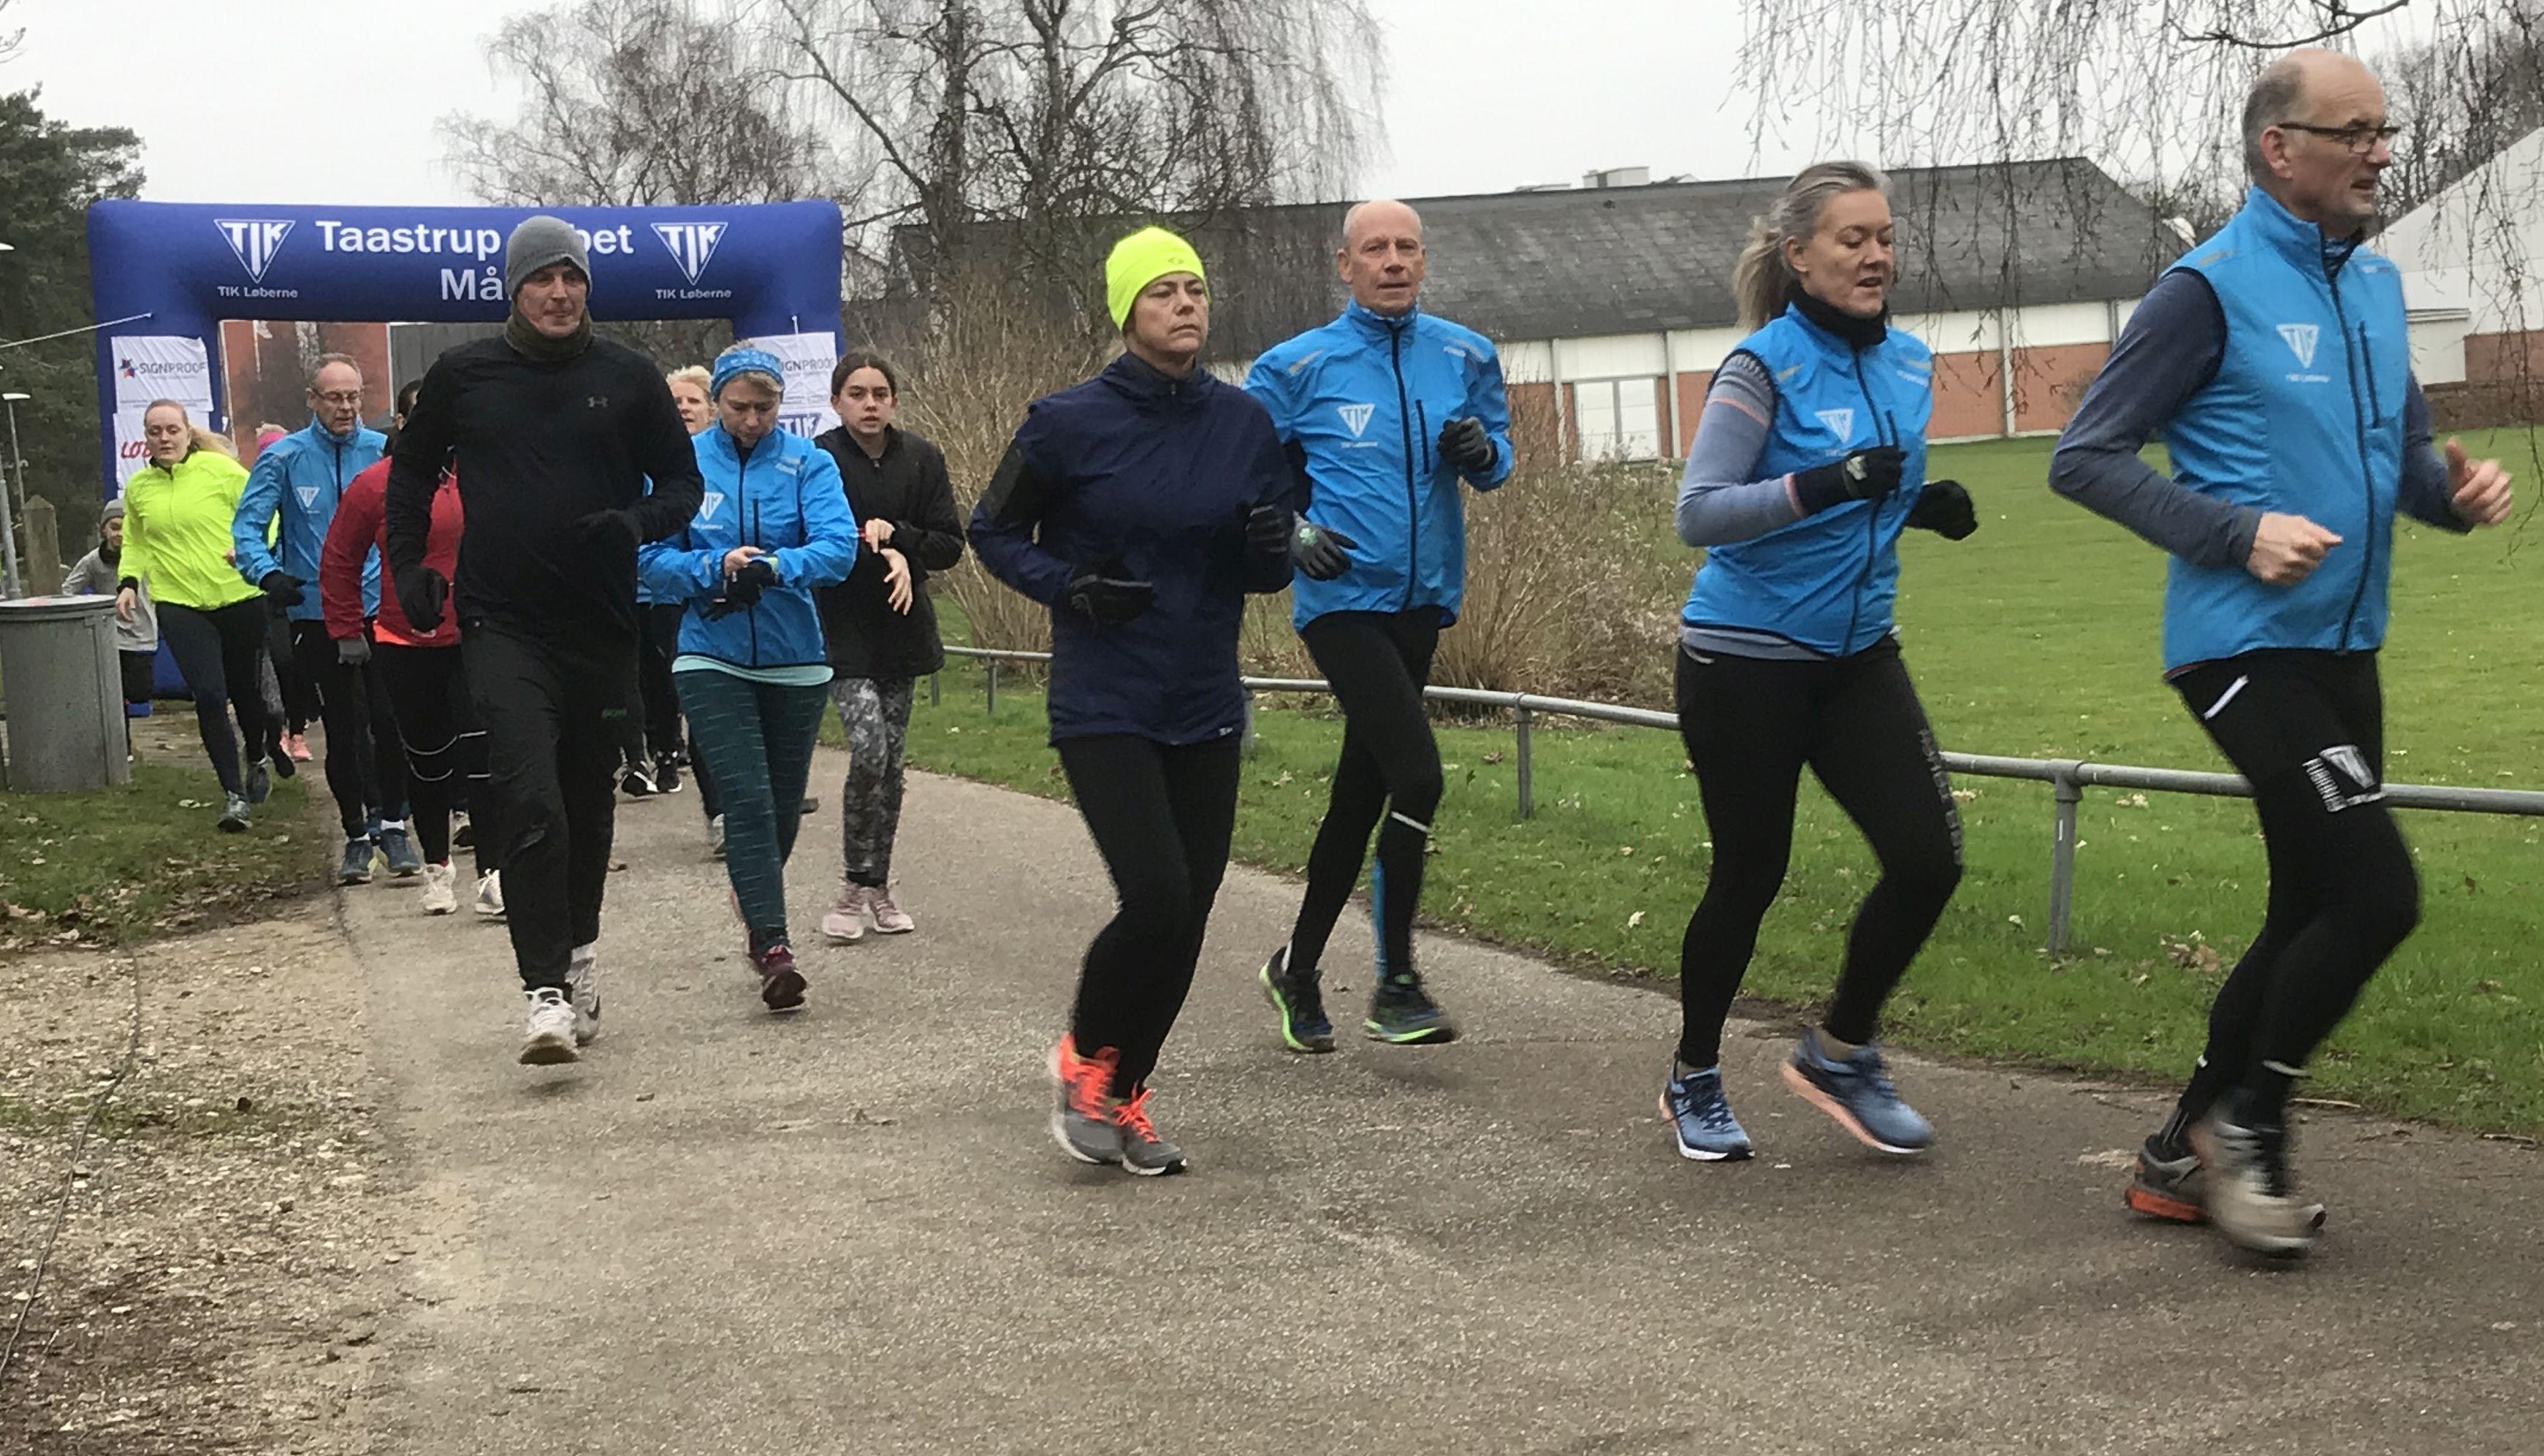 2020-02-09-320-Taastrup-Løbet-2020-02